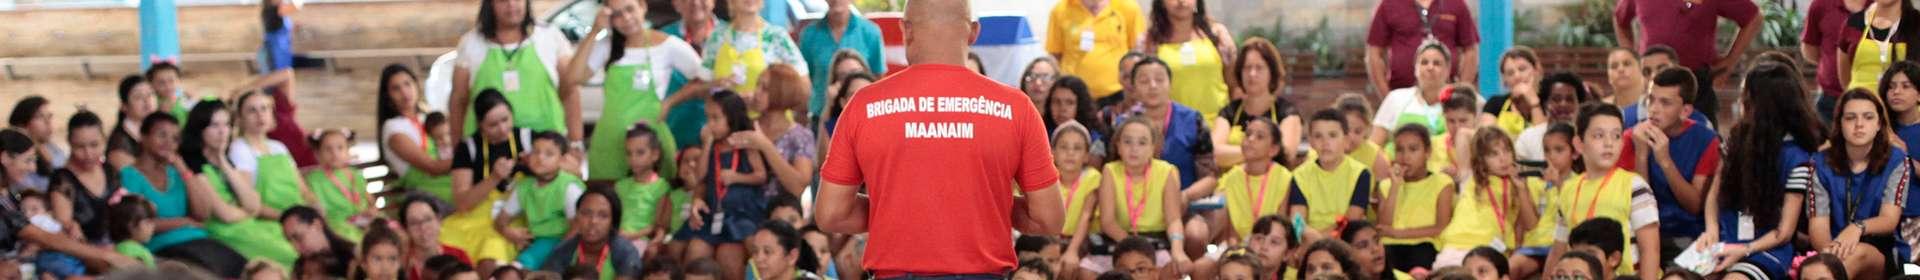 Seminário Unidos em Família reúne membros da Igreja Cristã Maranata no Maanaim de Divinópolis, MG